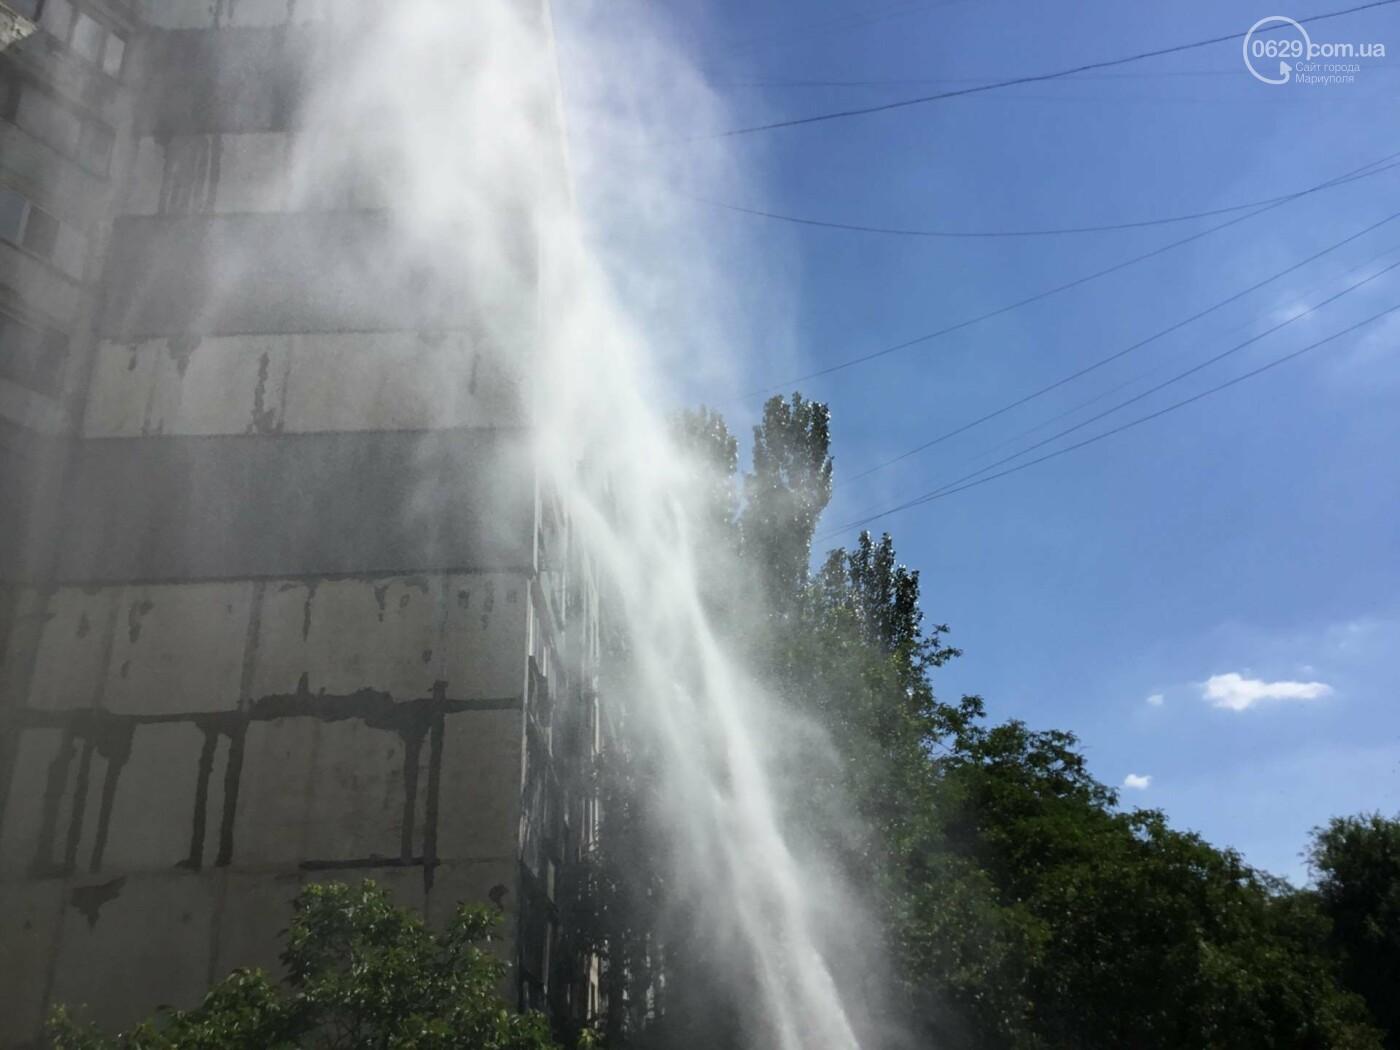 В Мариуполе бъет фонтан питьевой воды, высотой в 5 этажей, - ФОТО, ВИДЕО, фото-1